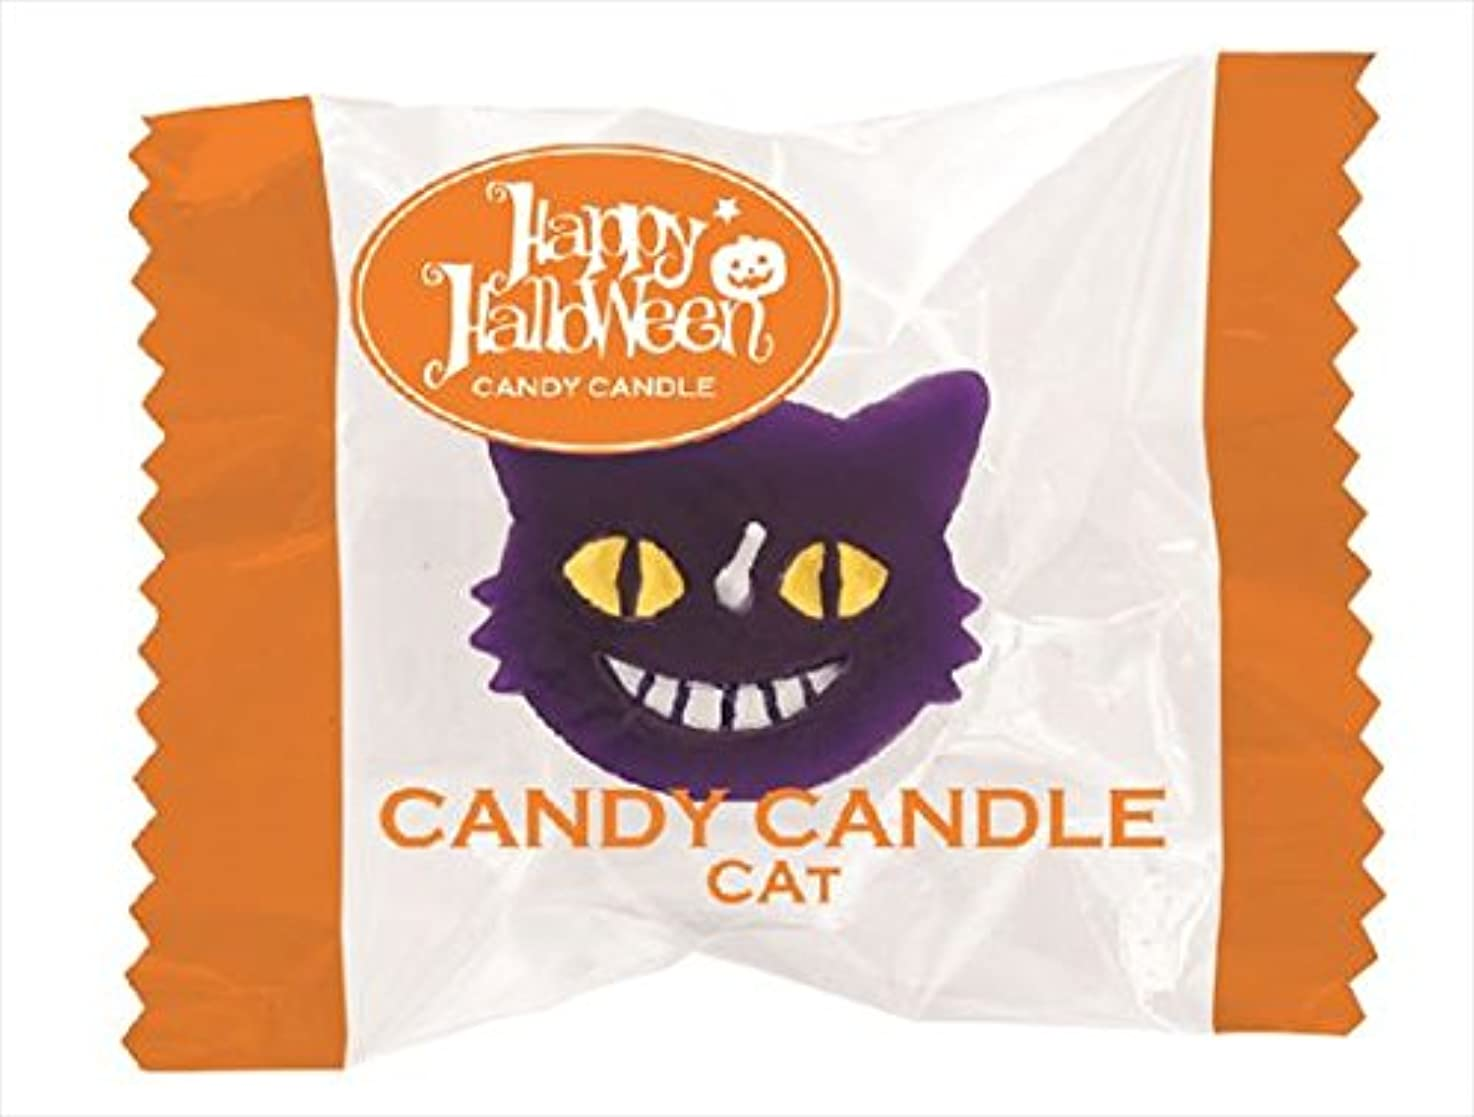 カジュアル回転する再集計カメヤマキャンドル(kameyama candle) キャンディーキャンドル 「 キャット 」